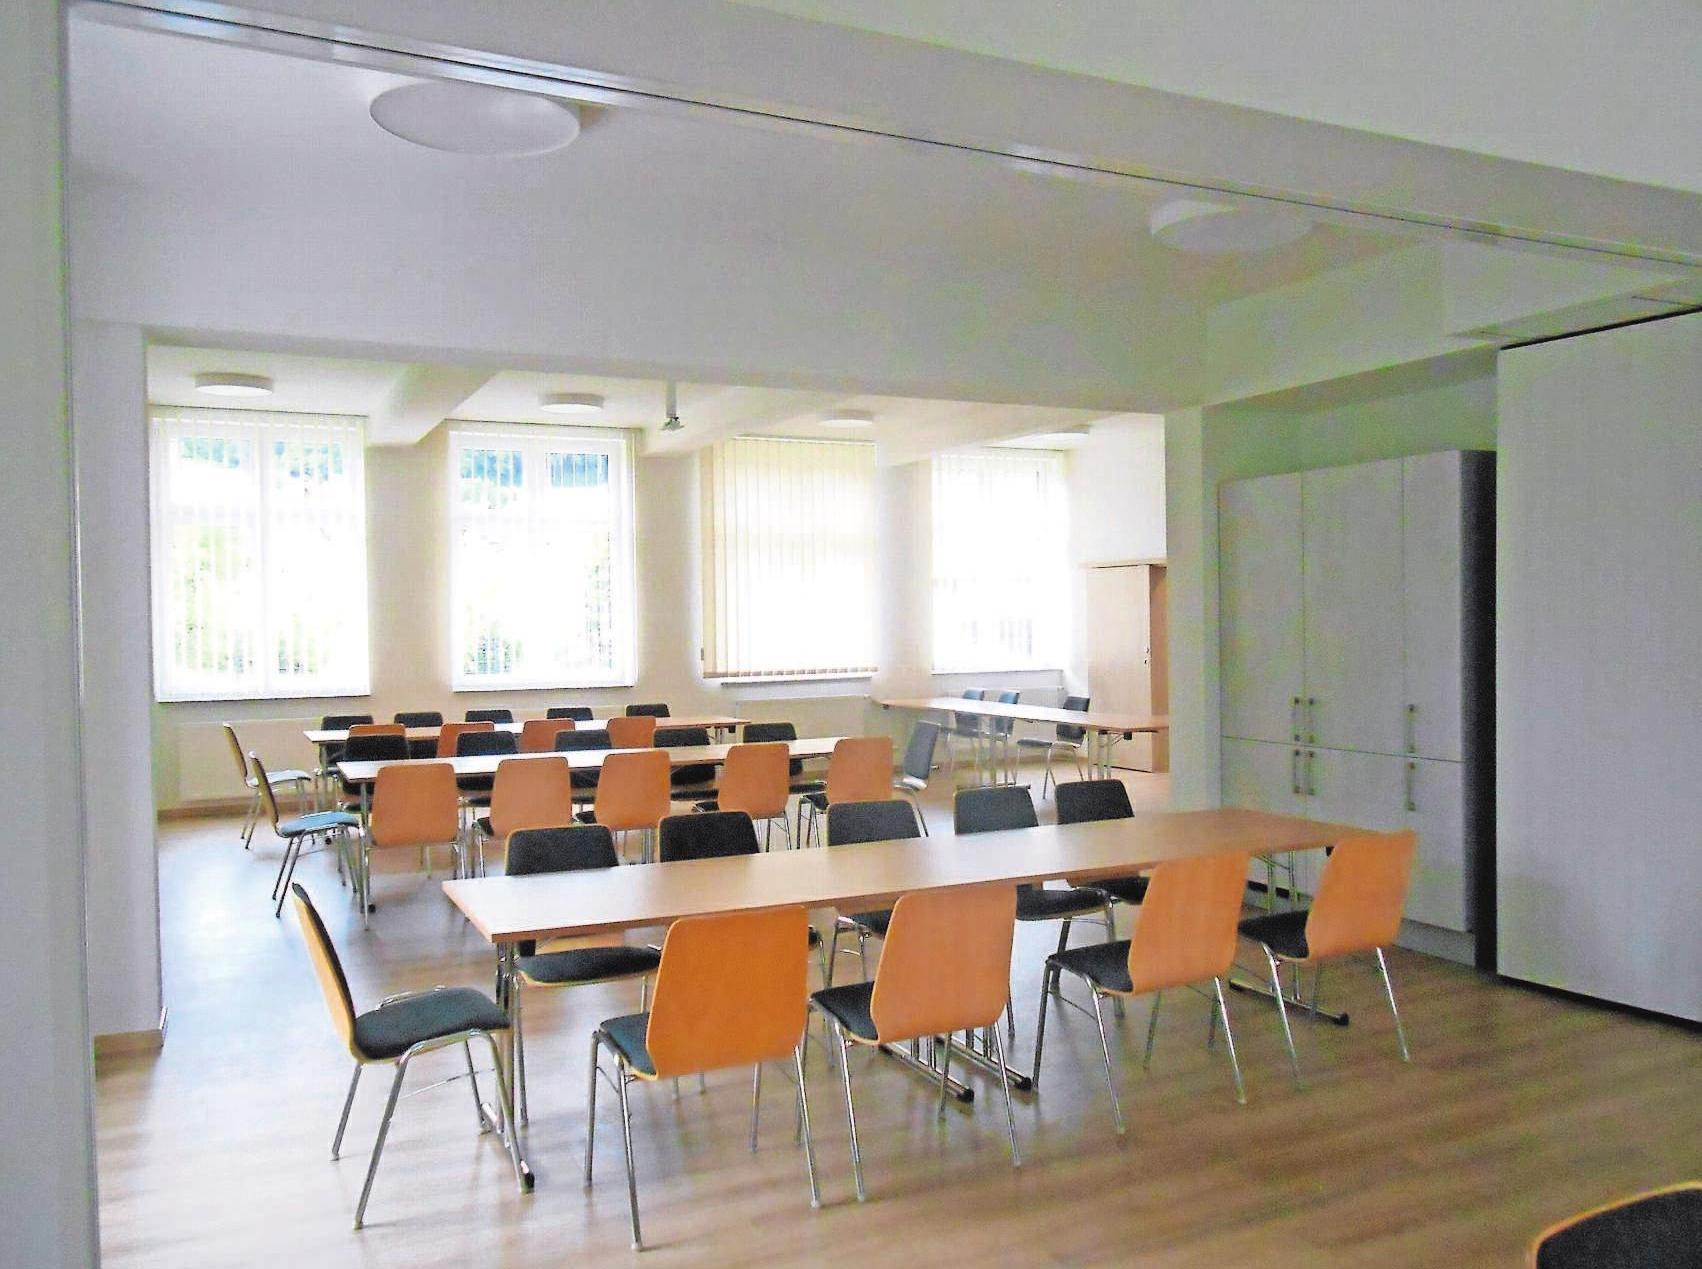 Nach dem Umbau steht die Alte Schule nun Familien und Vereinen zur Verfügung. Fotos: Gemeinde